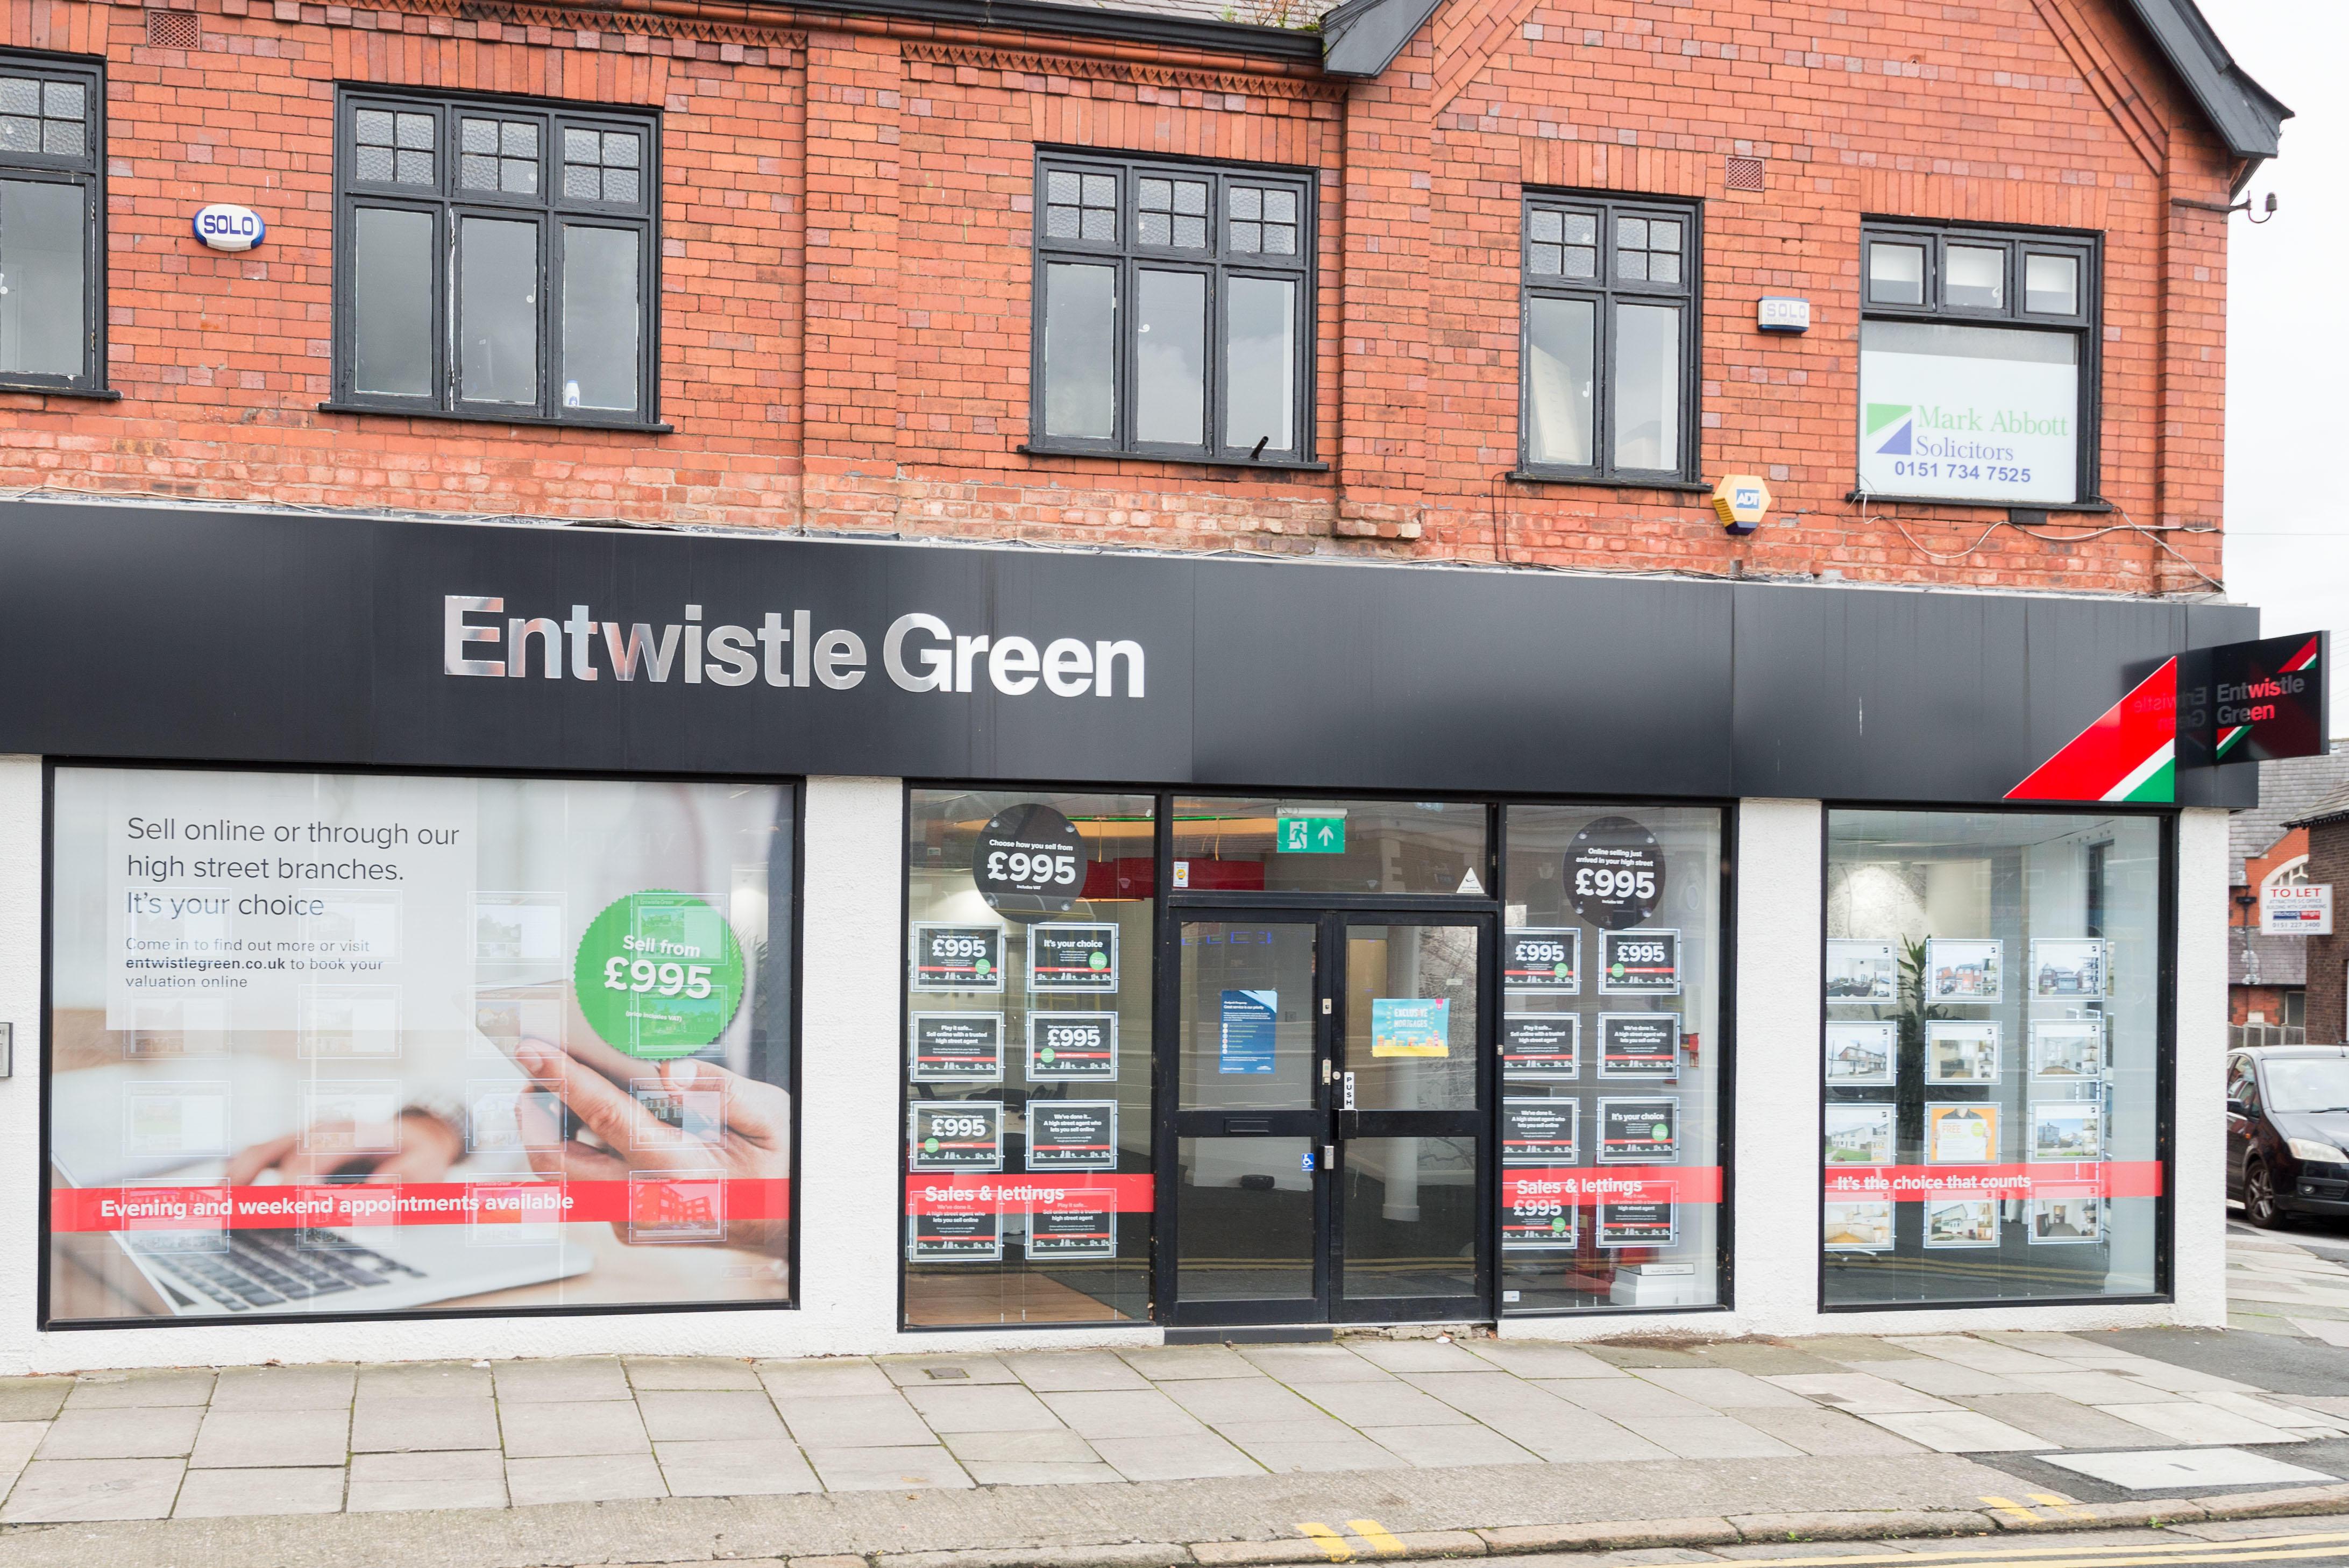 Entwistle Green